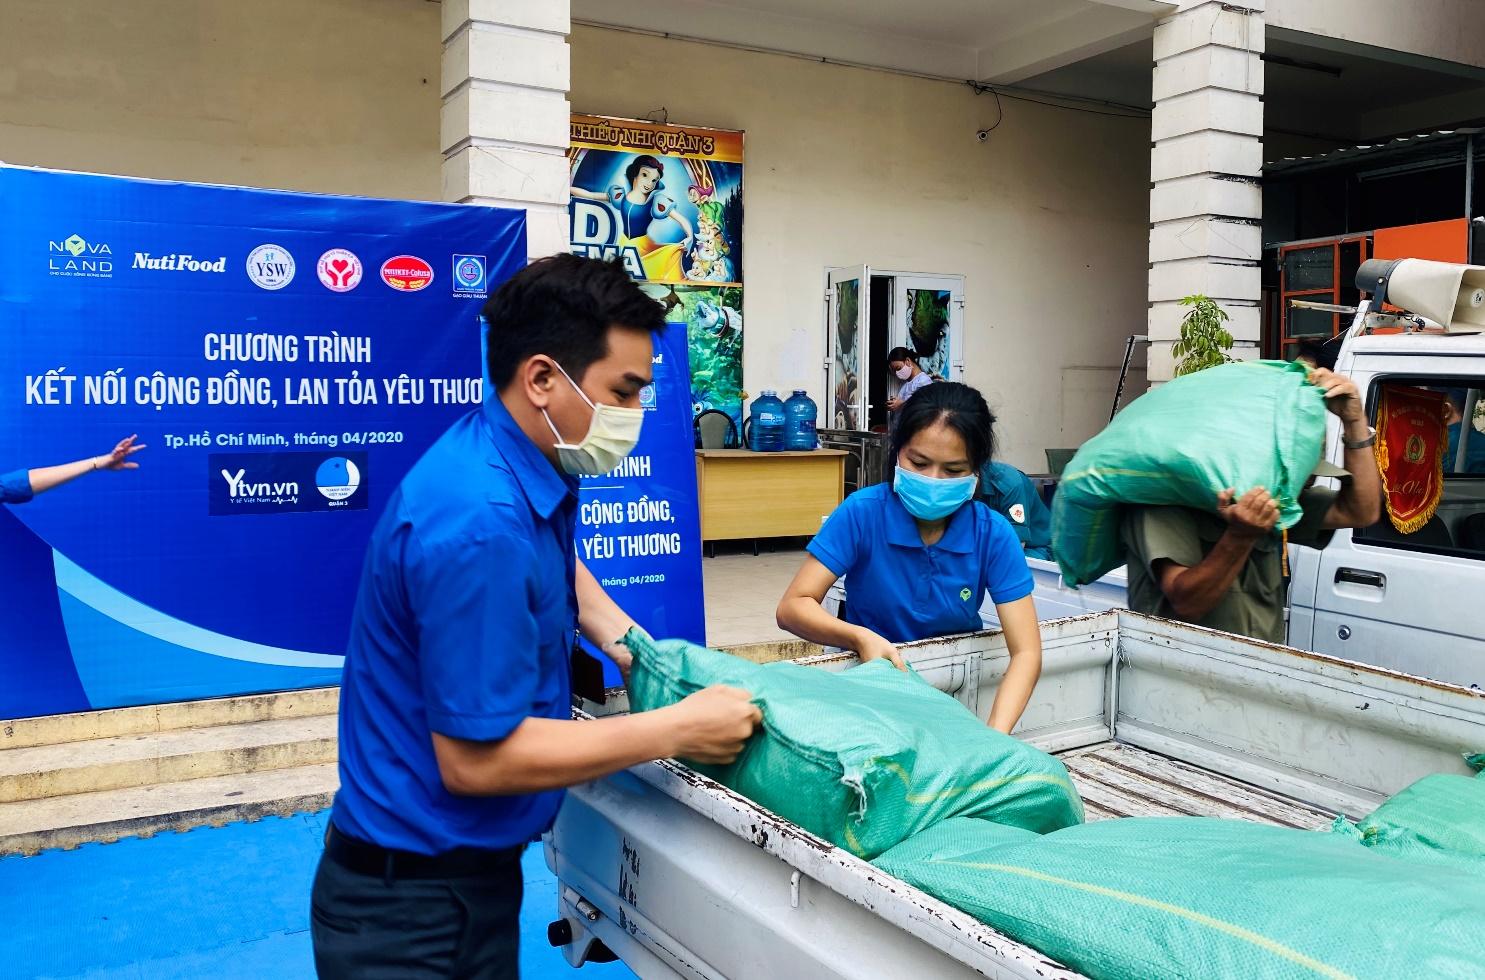 Trao tặng trang thiết bị Y tế cấp thiết – Novaland đồng hành cùng việc tăng tốc trong cuộc đua đẩy lùi dịch bệnh Covid-19 - Ảnh 4